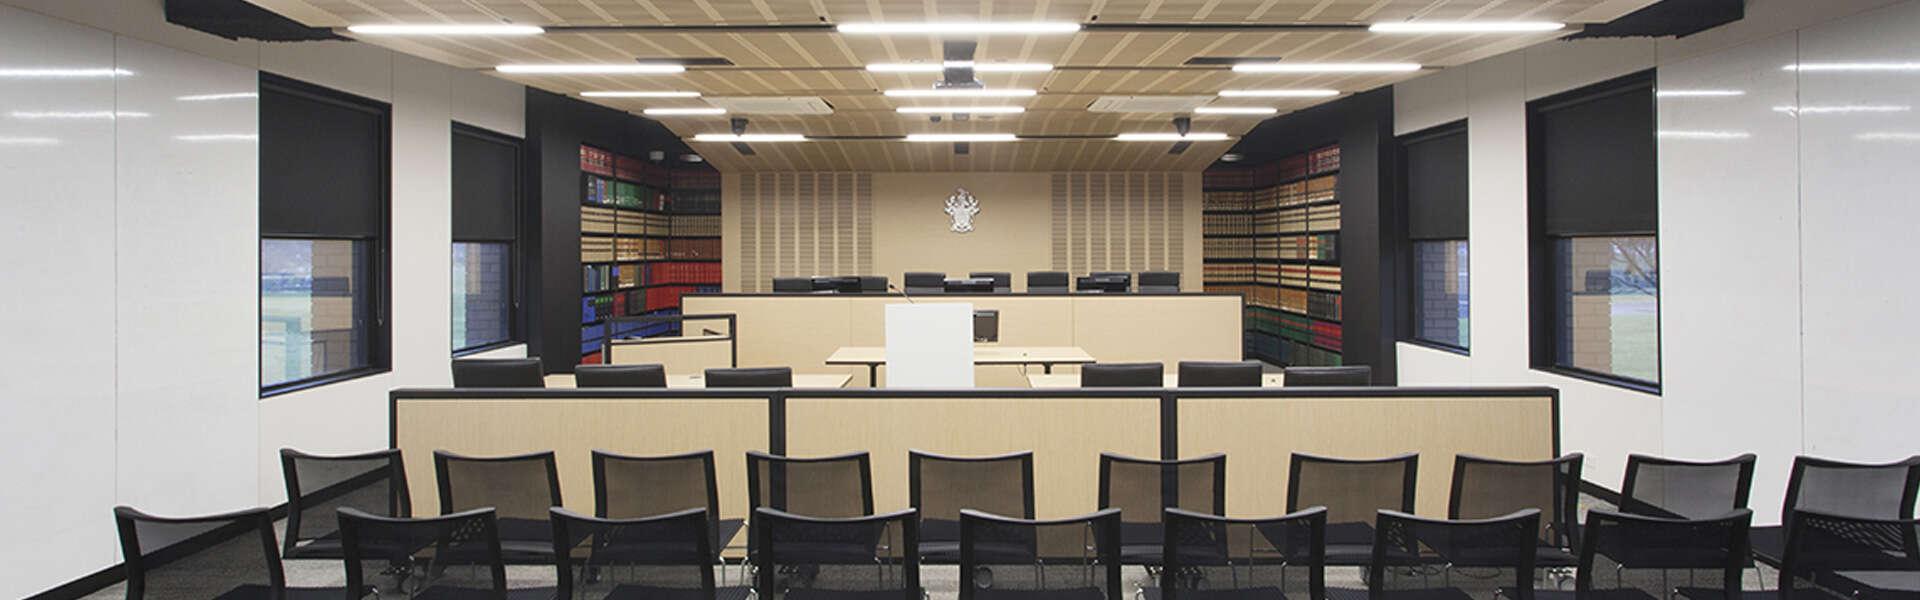 La Trobe University – Moot Court and Glenn College Refurbishment